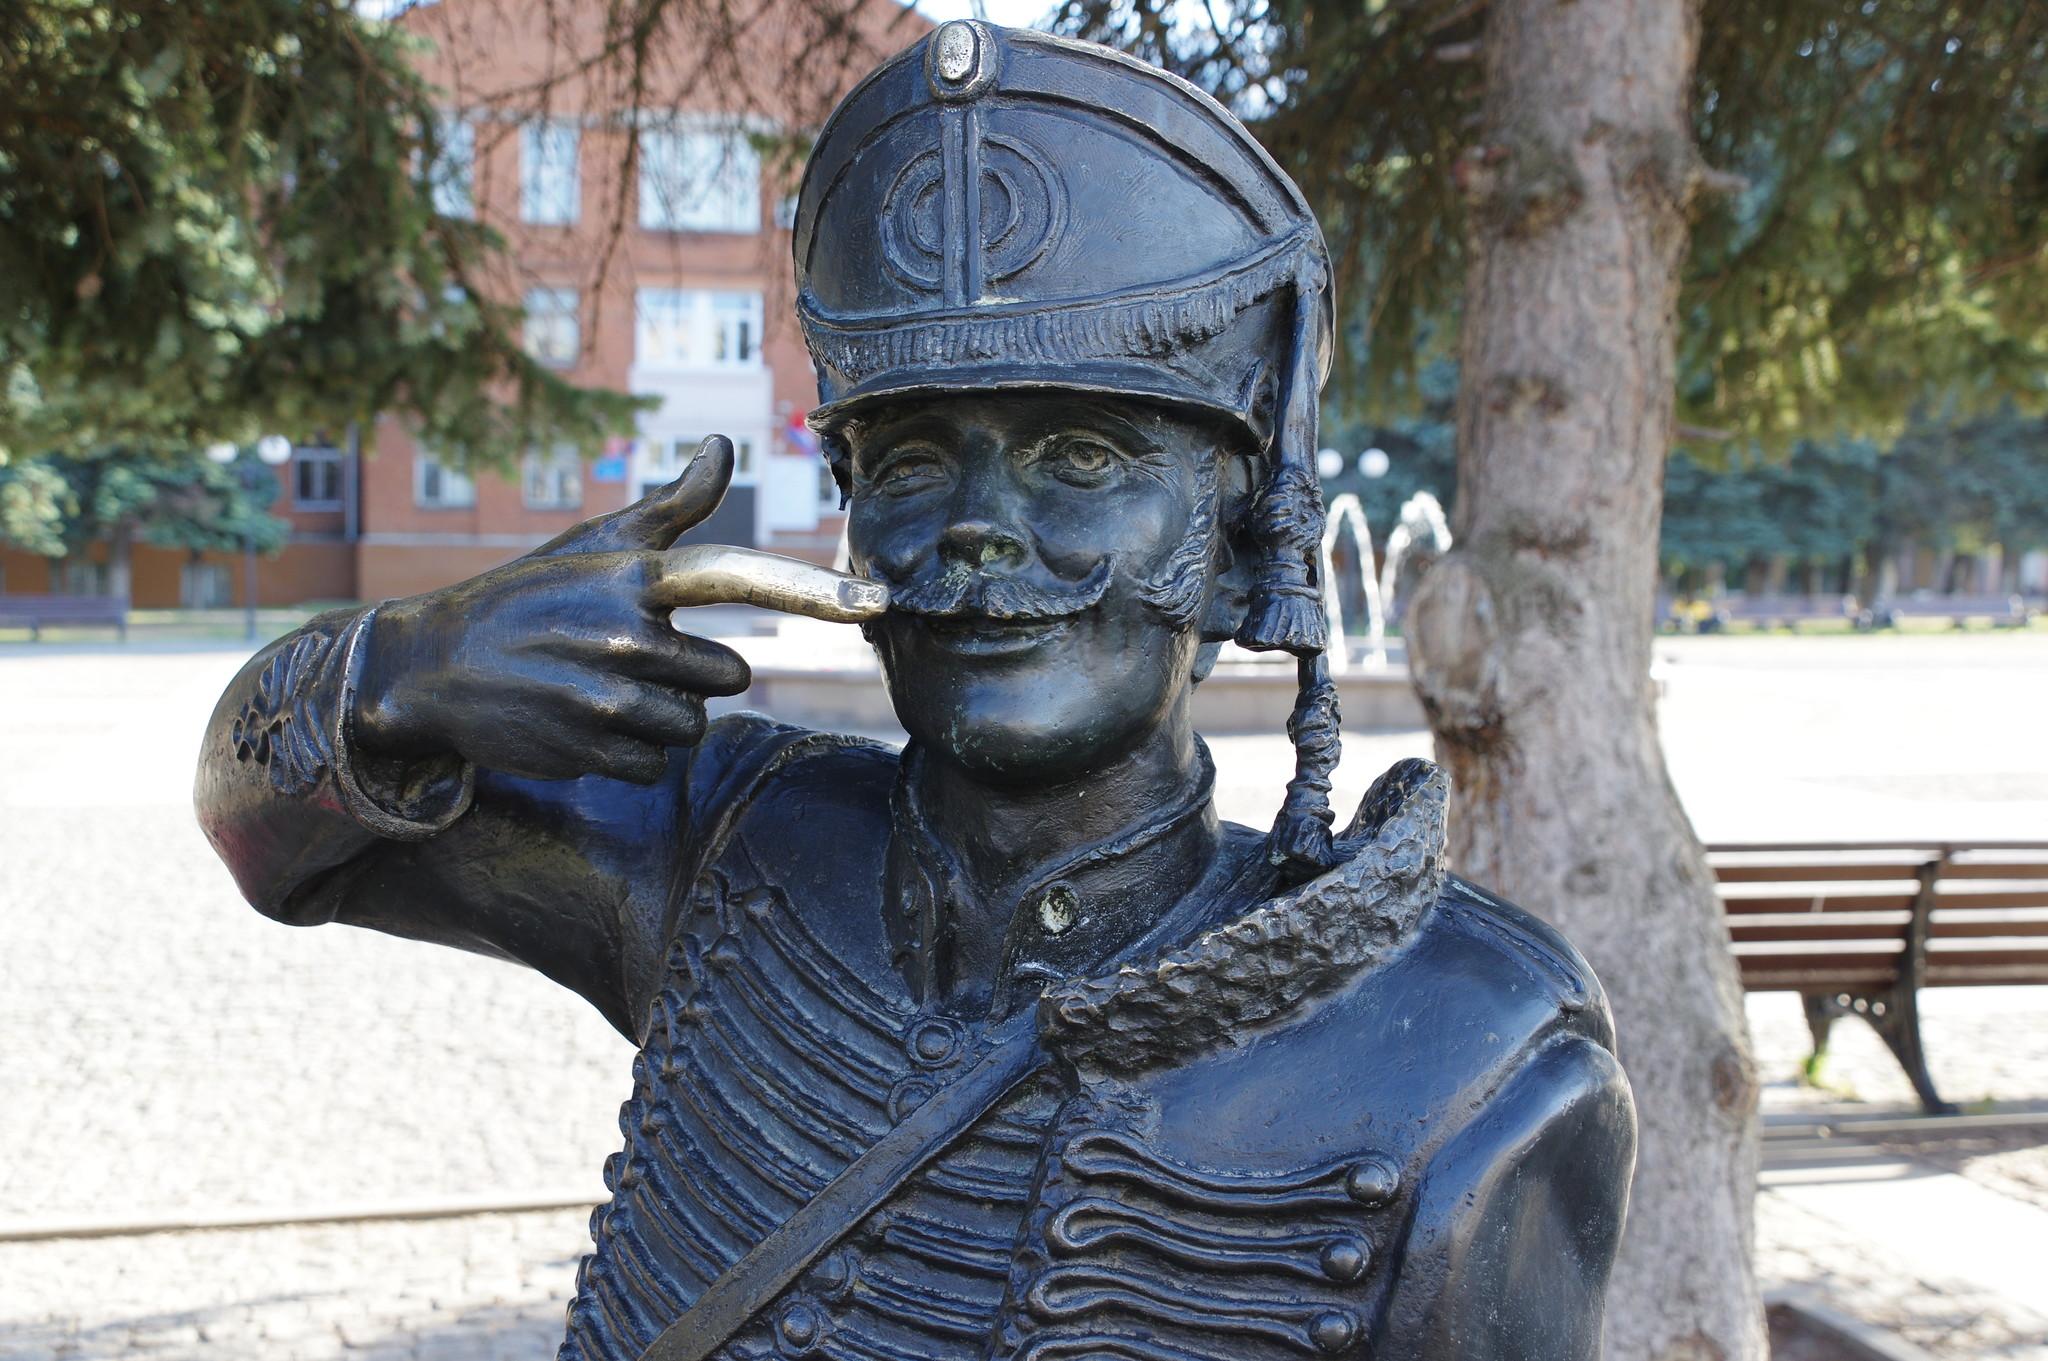 Памятник поручику Ржевскому на площади Собина в Долгопрудном